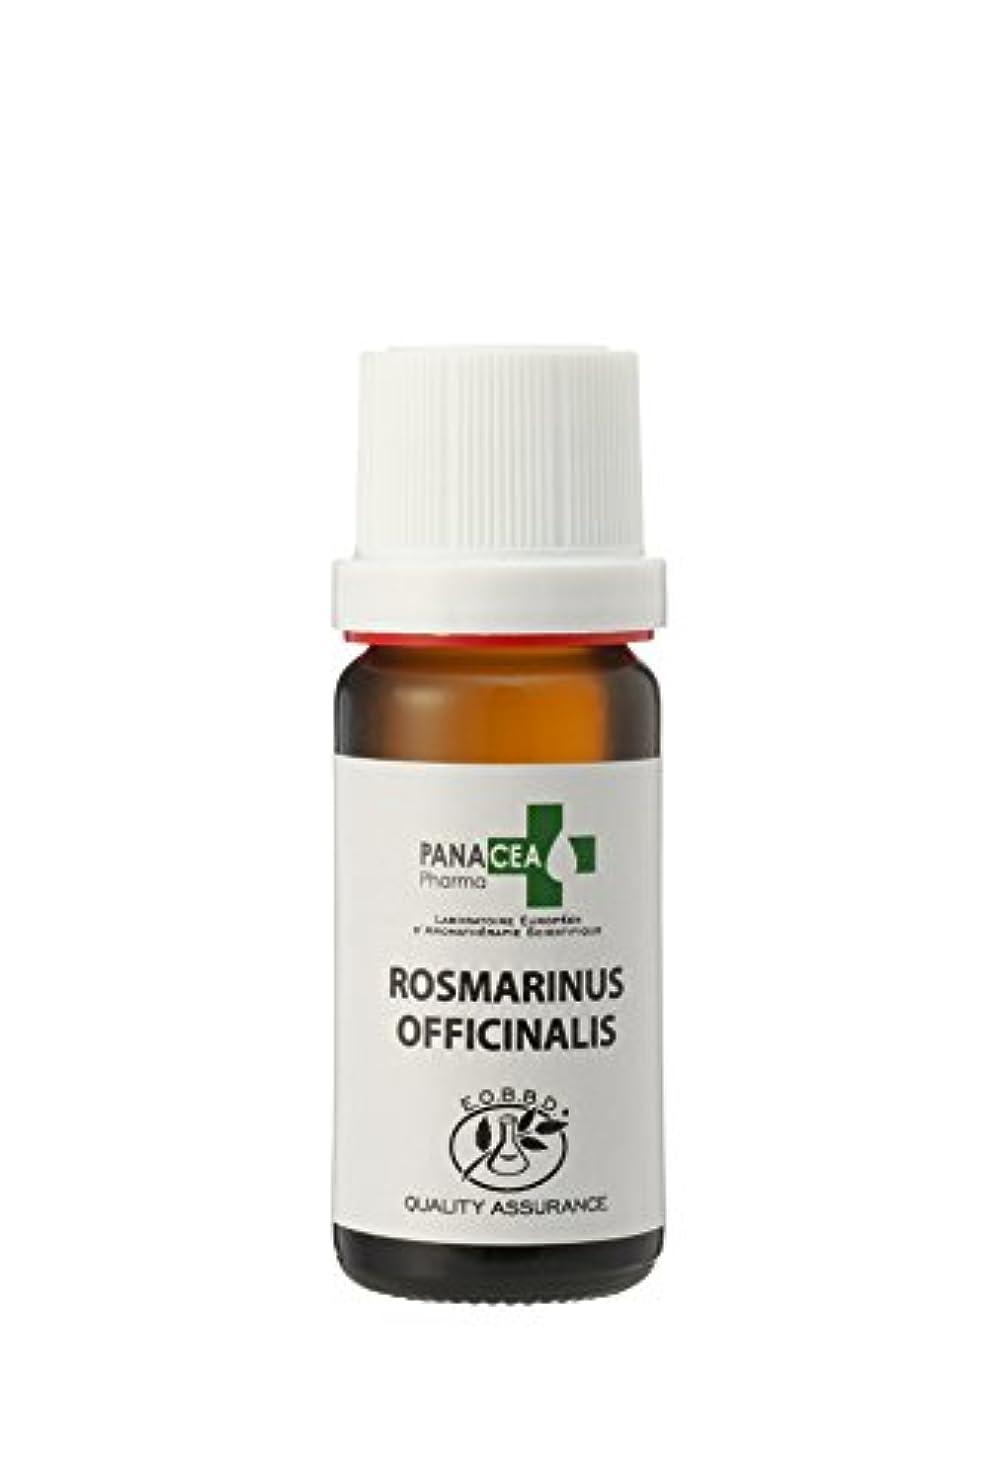 変装した会社褐色ローズマリー シネオール (Rosmarinus officinalis) 10ml エッセンシャルオイル PANACEA PHARMA パナセア ファルマ